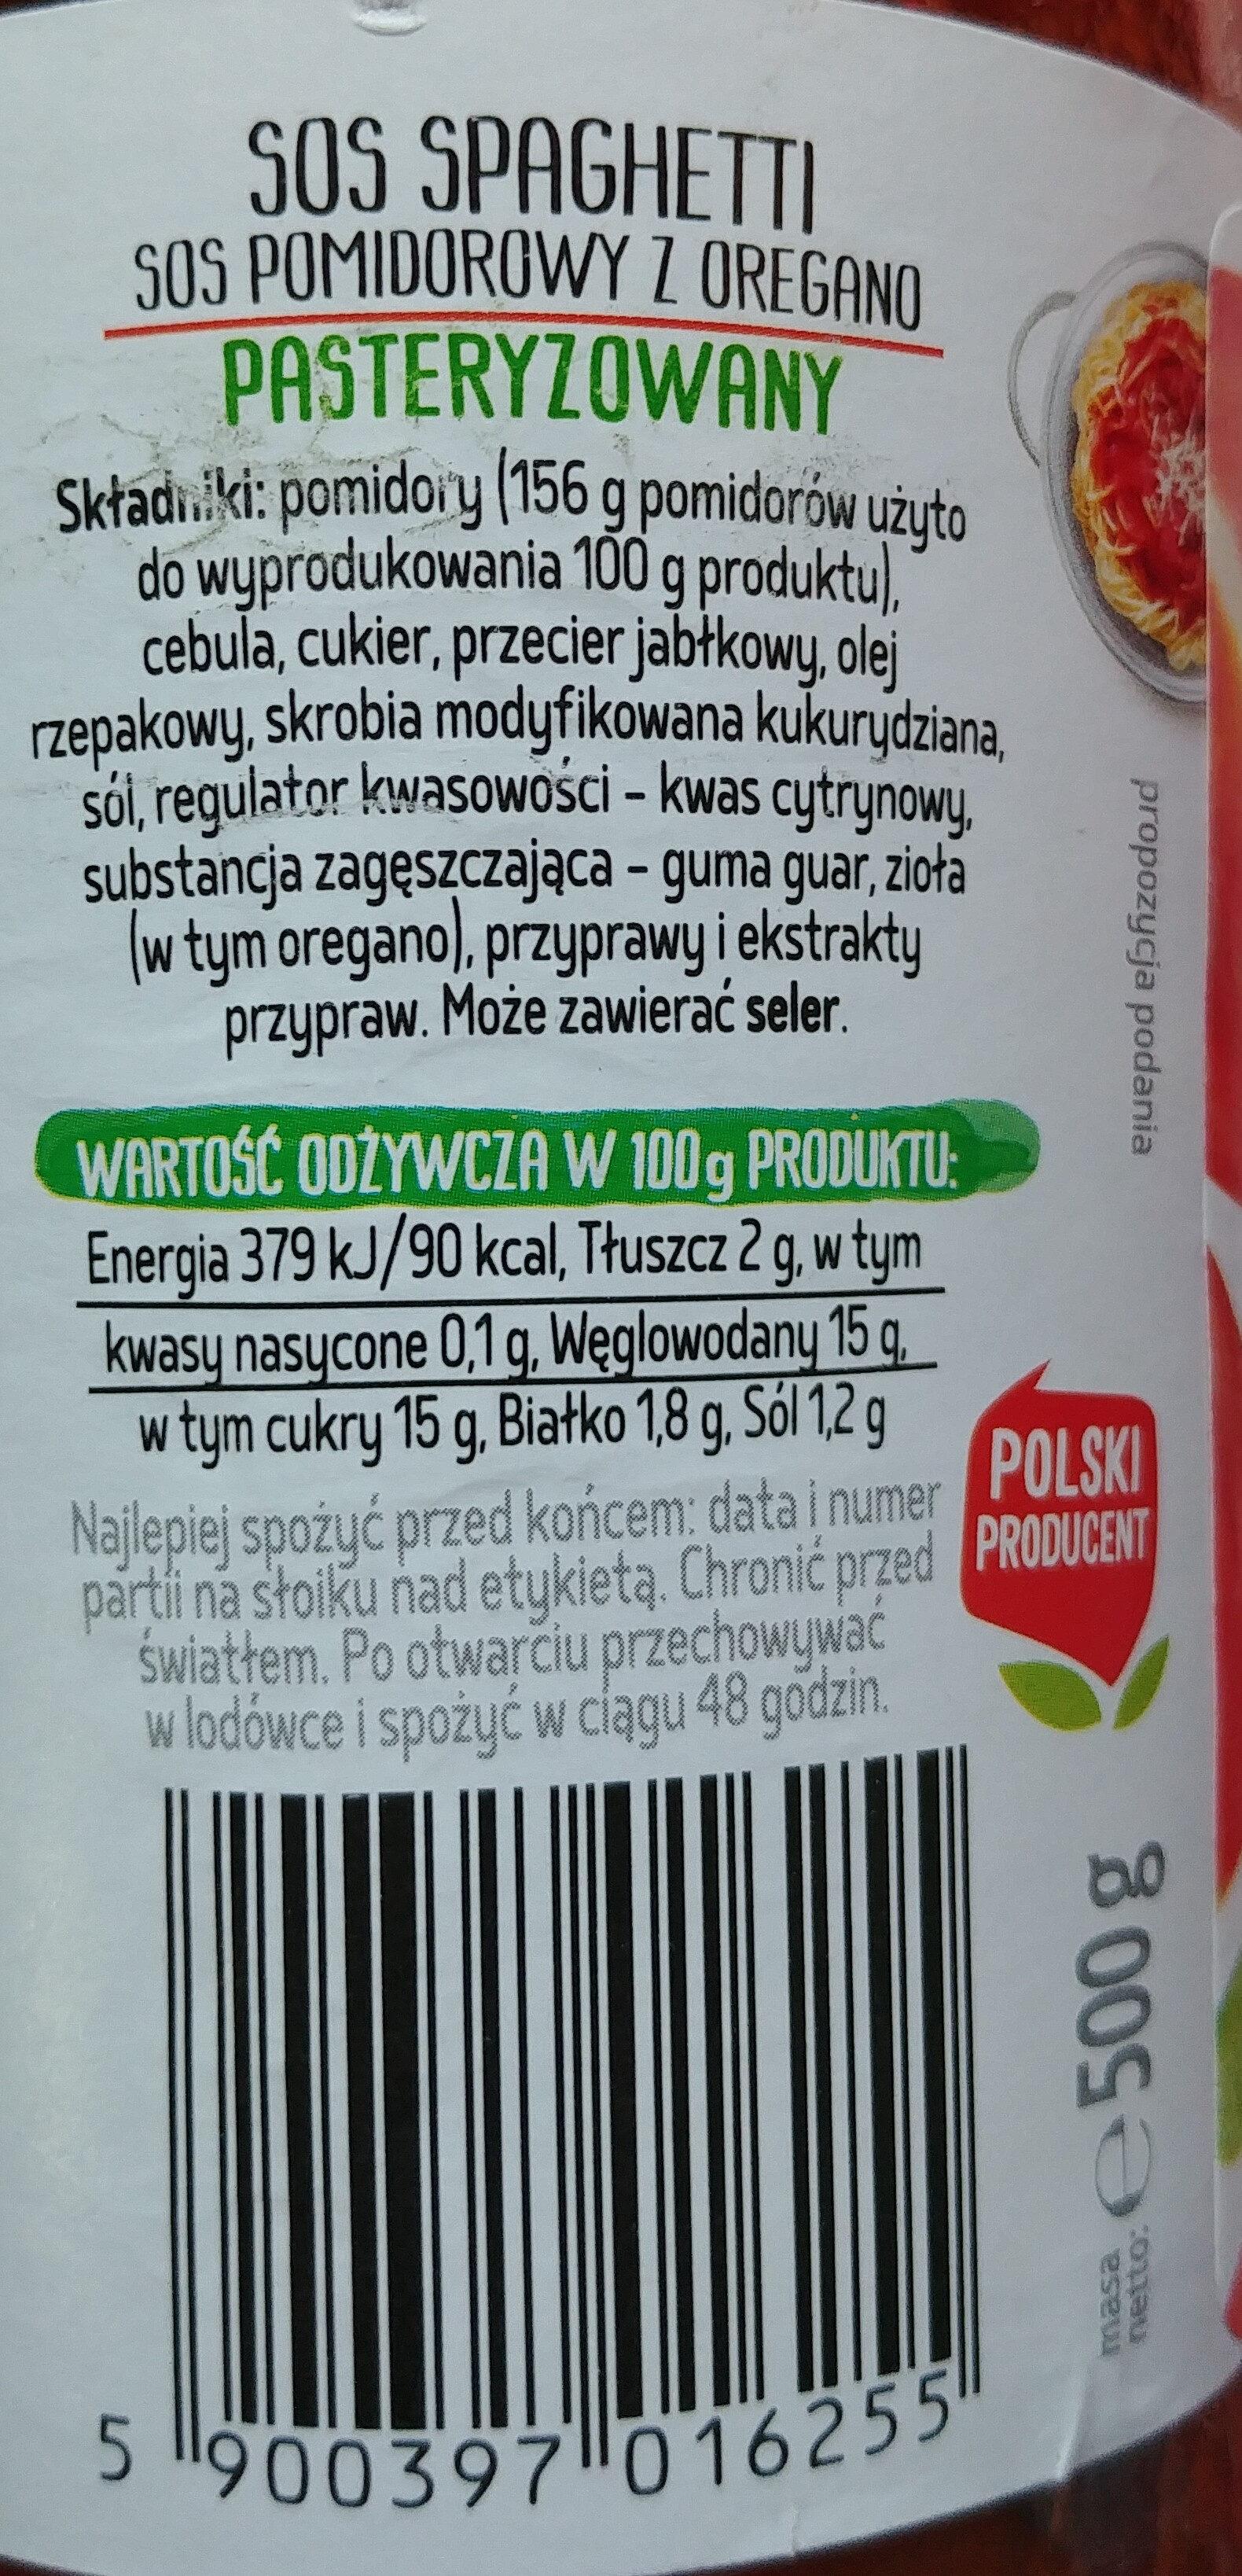 Sos pomidorowy z oregano - Nutrition facts - pl